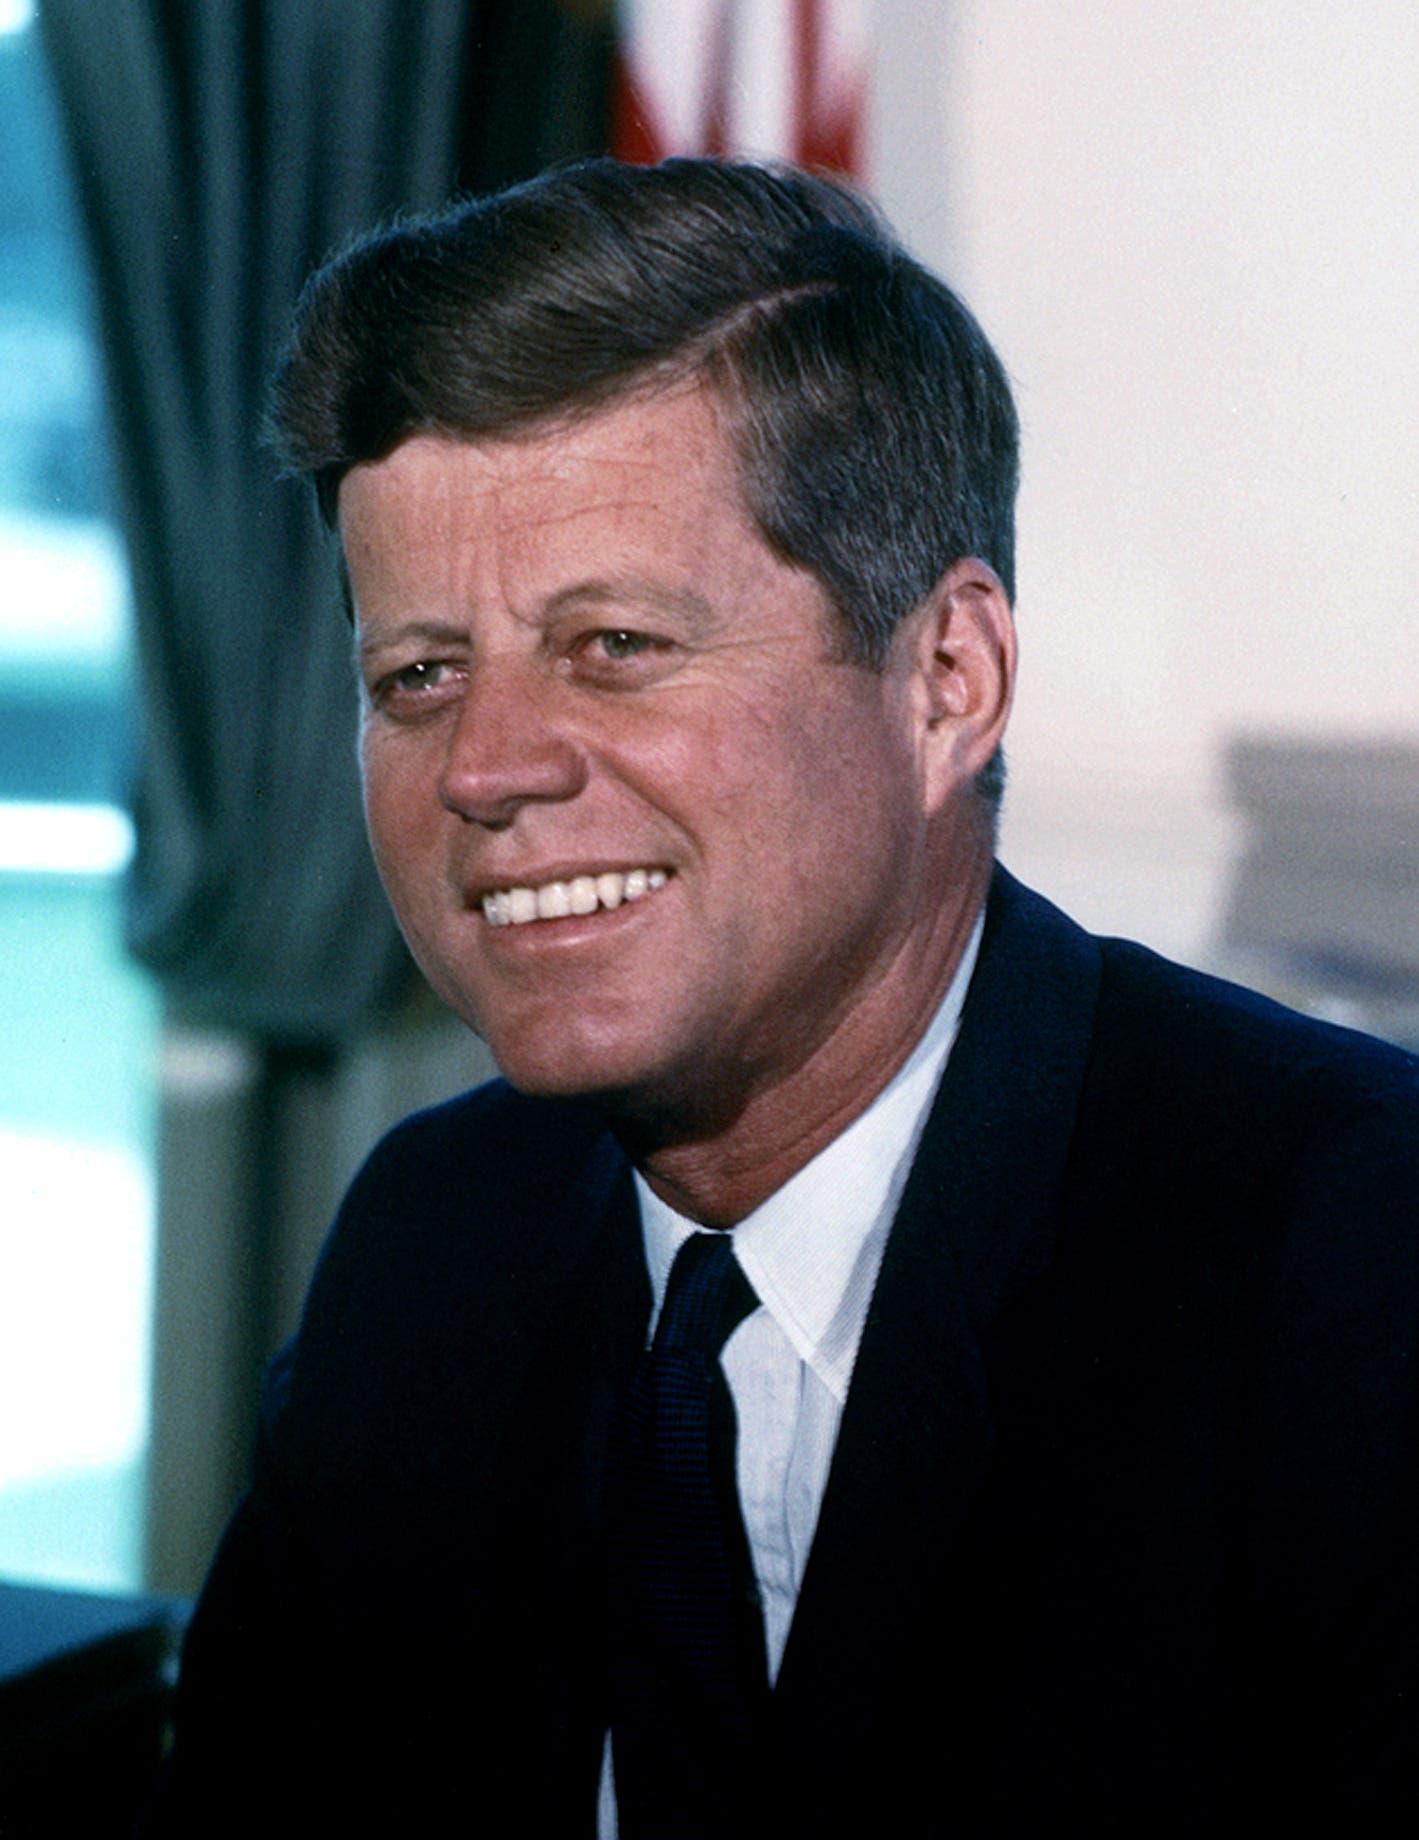 صورة للرئيس الأميركي جون كينيدي